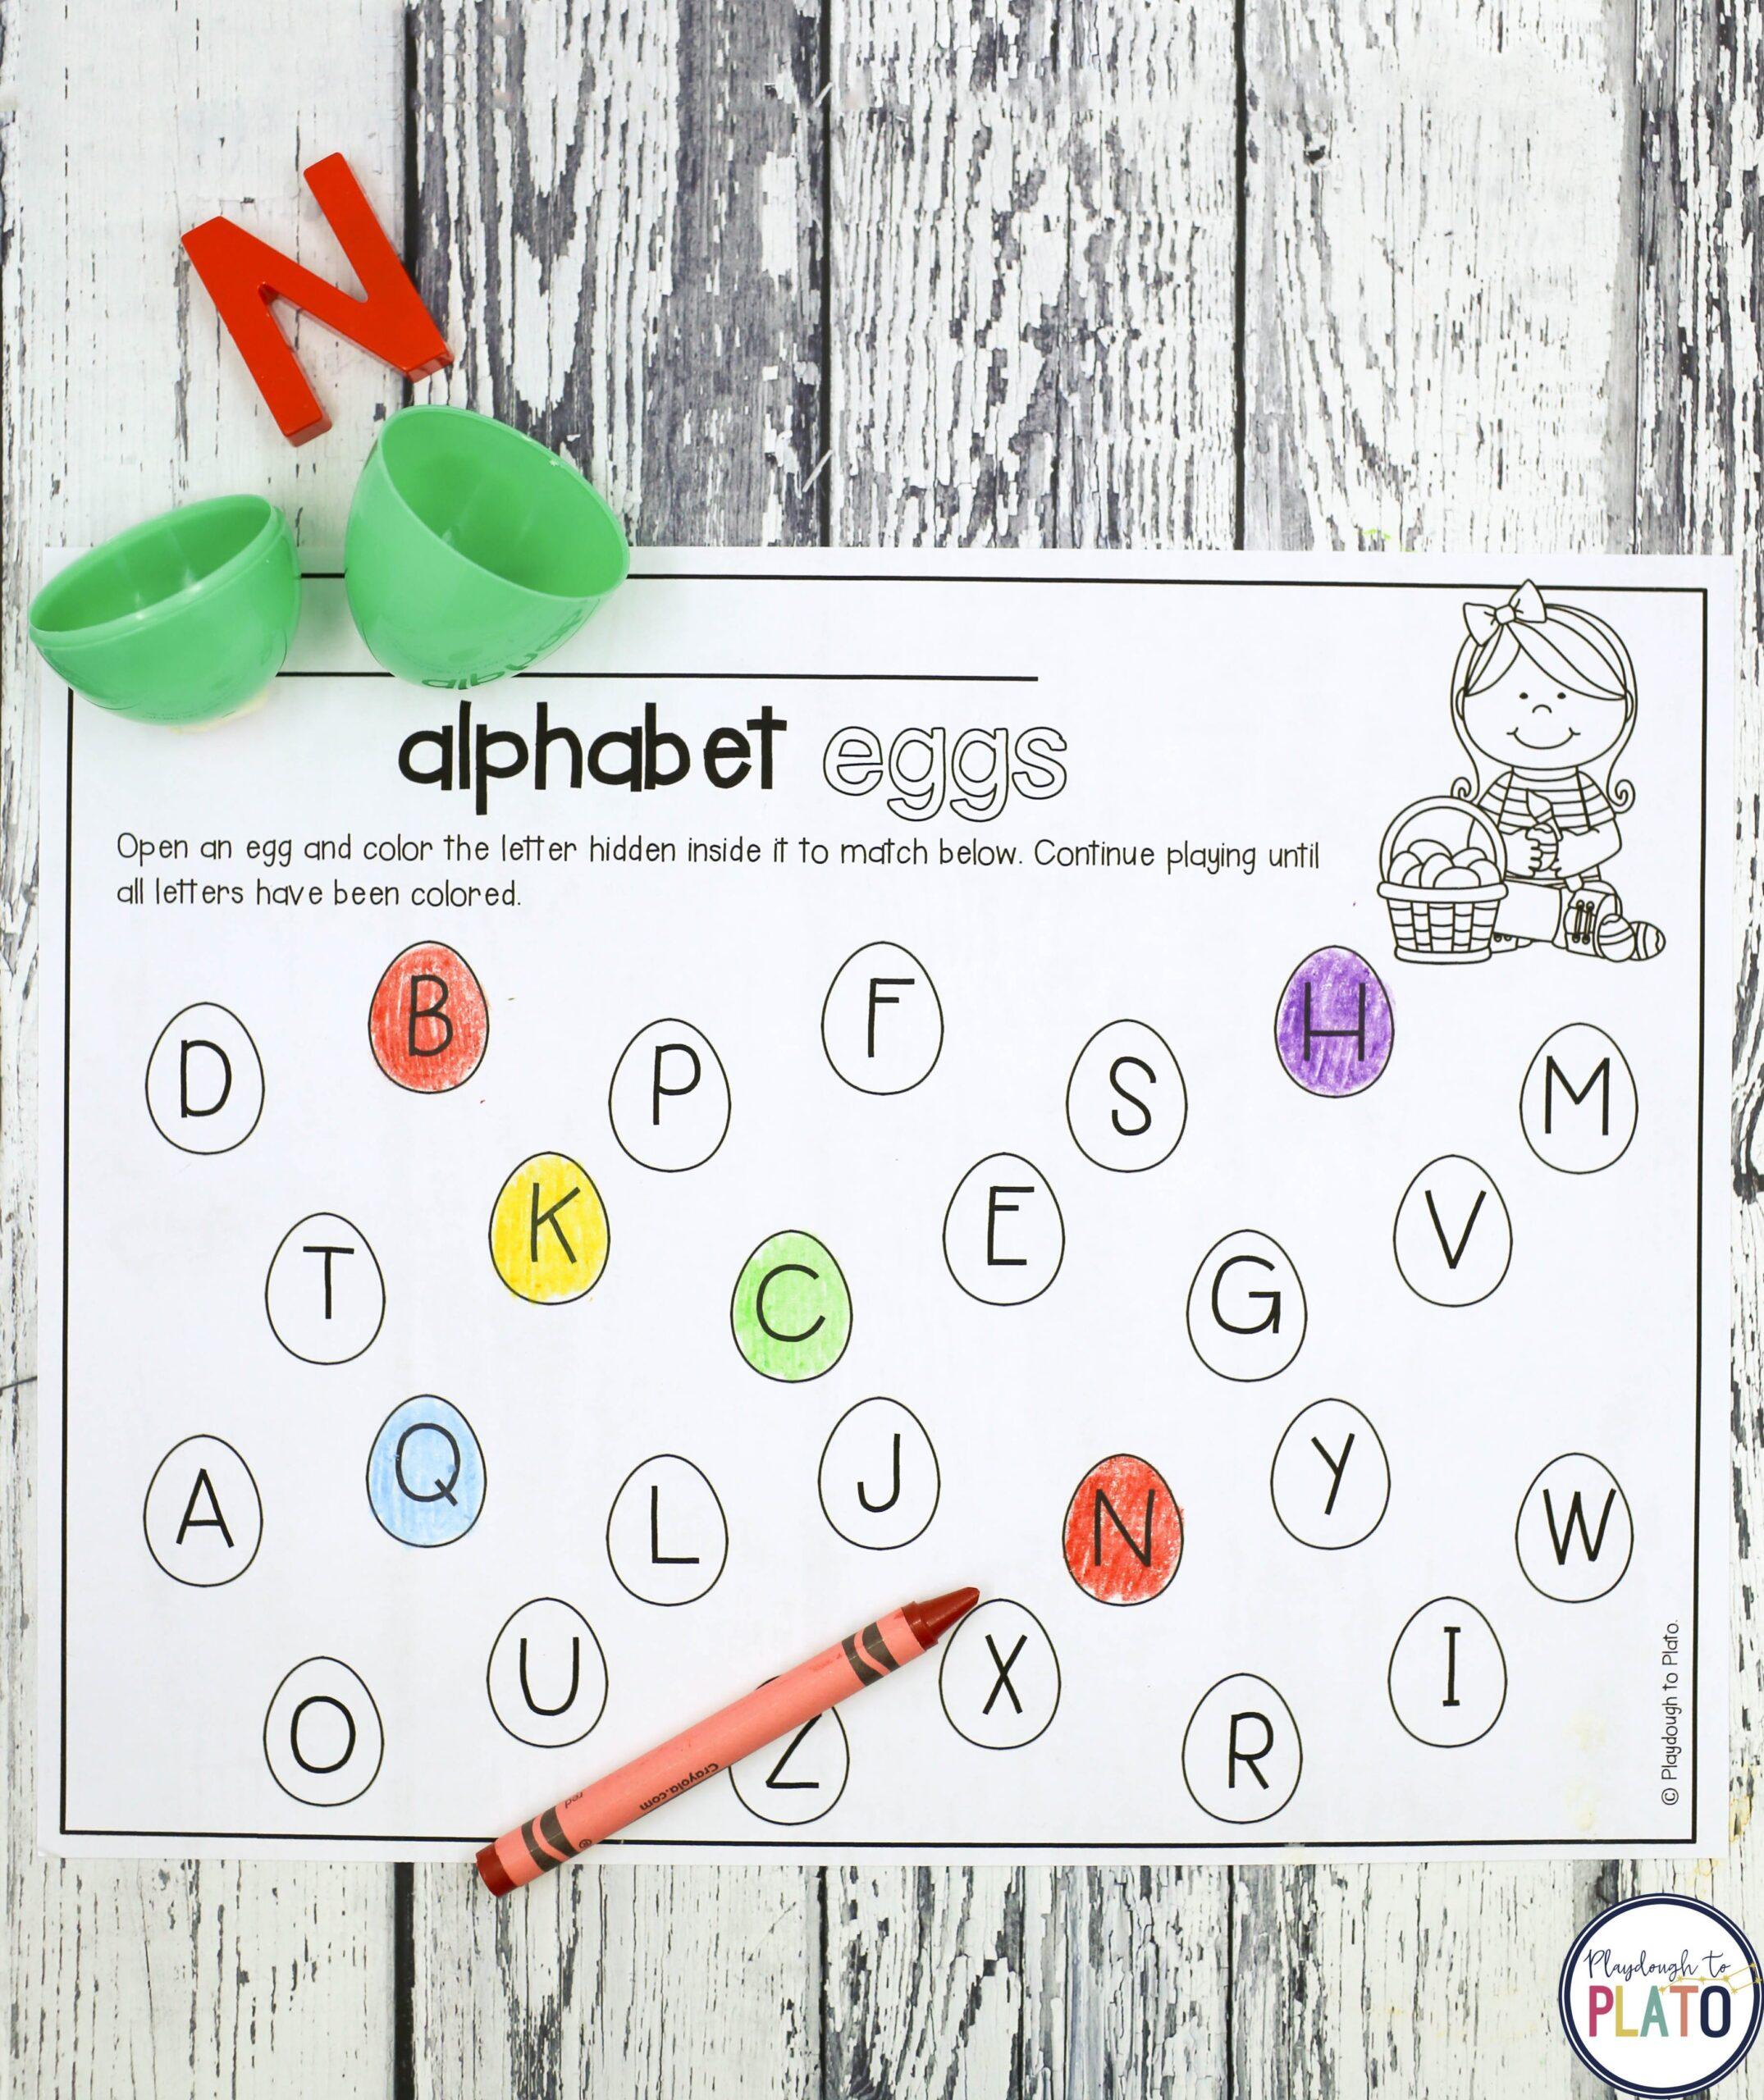 Alphabet Easter Eggs